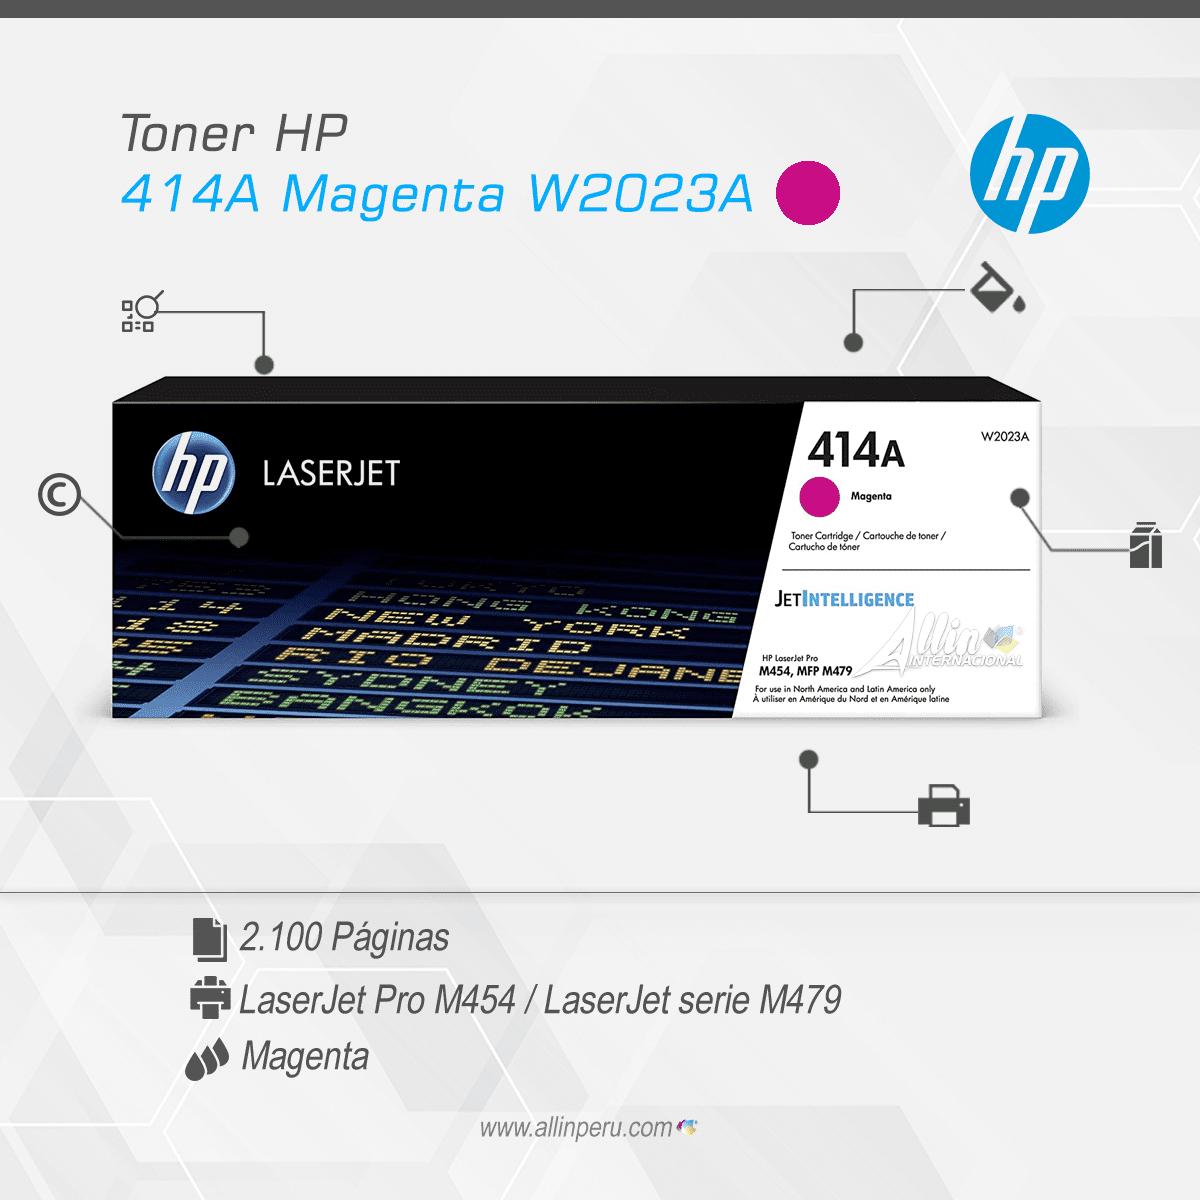 Toner HP 414A Magenta W2023A